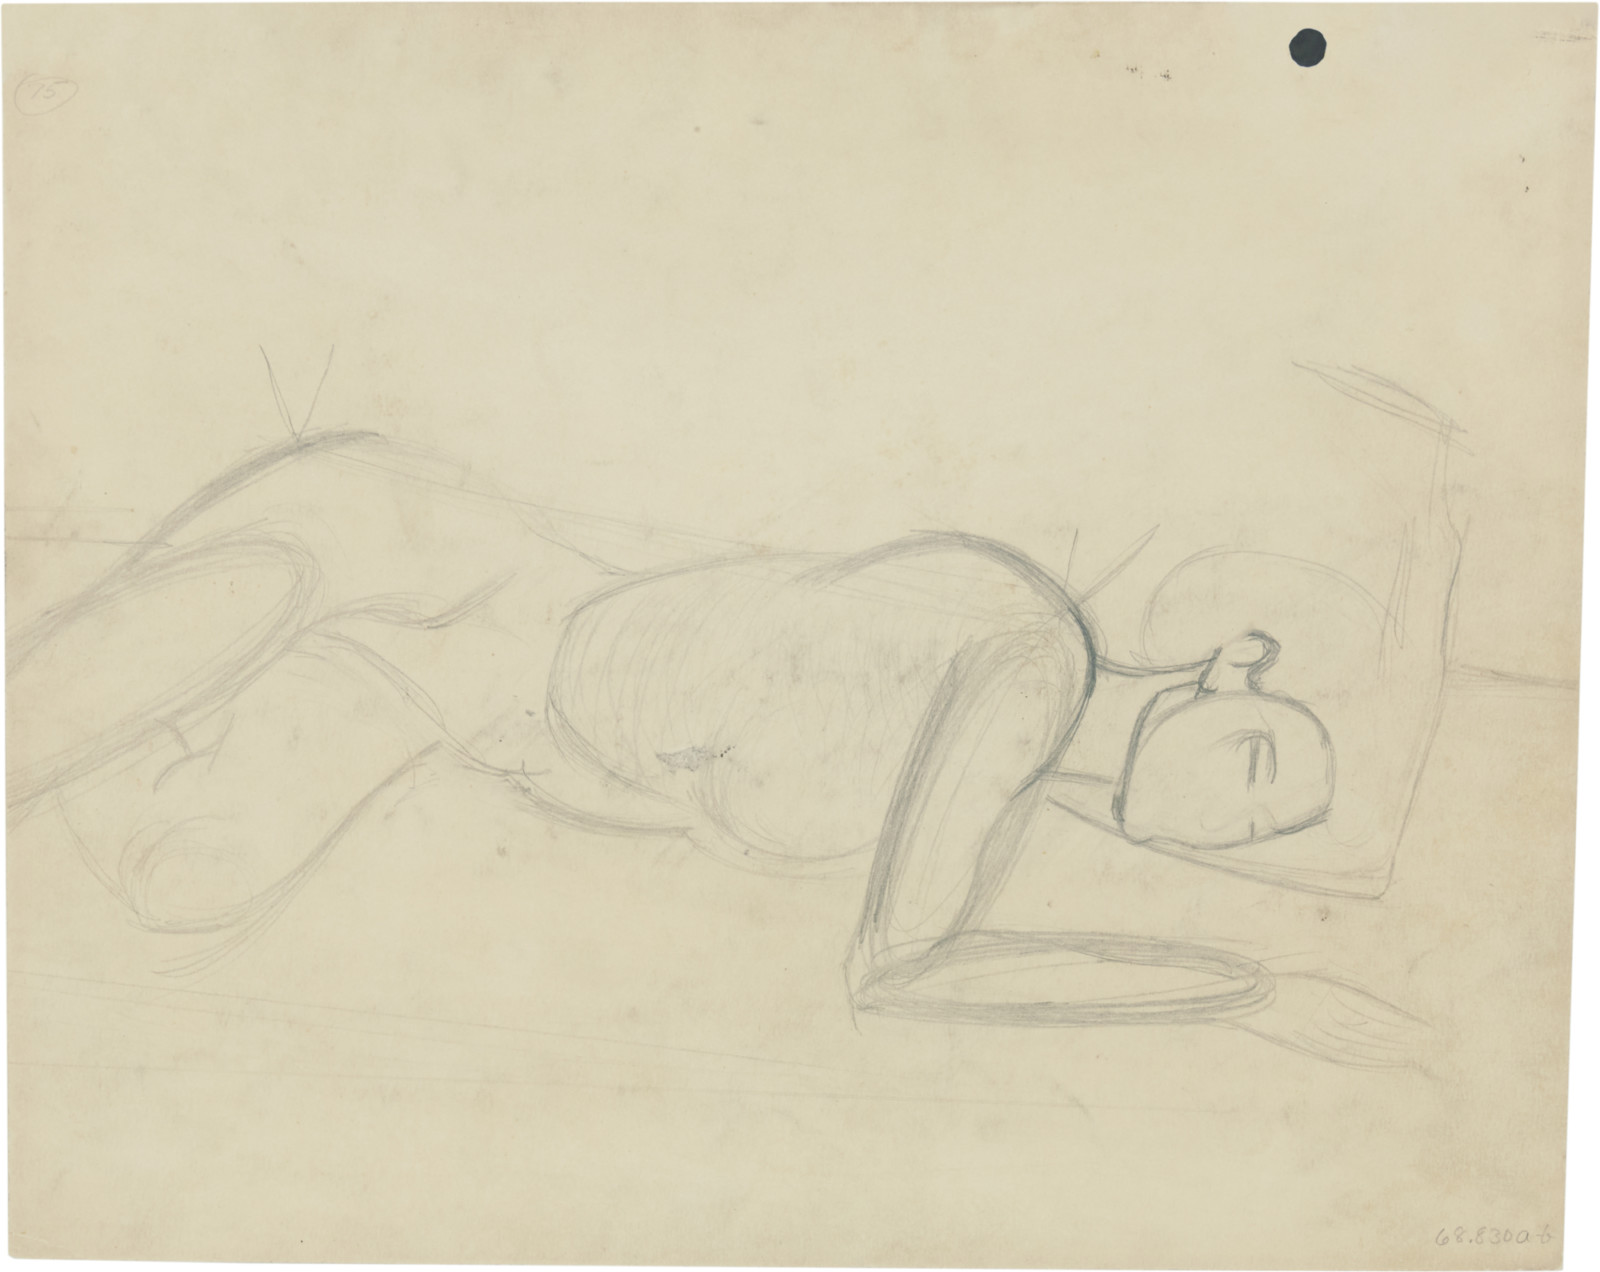 Artwork, dated c. 1938